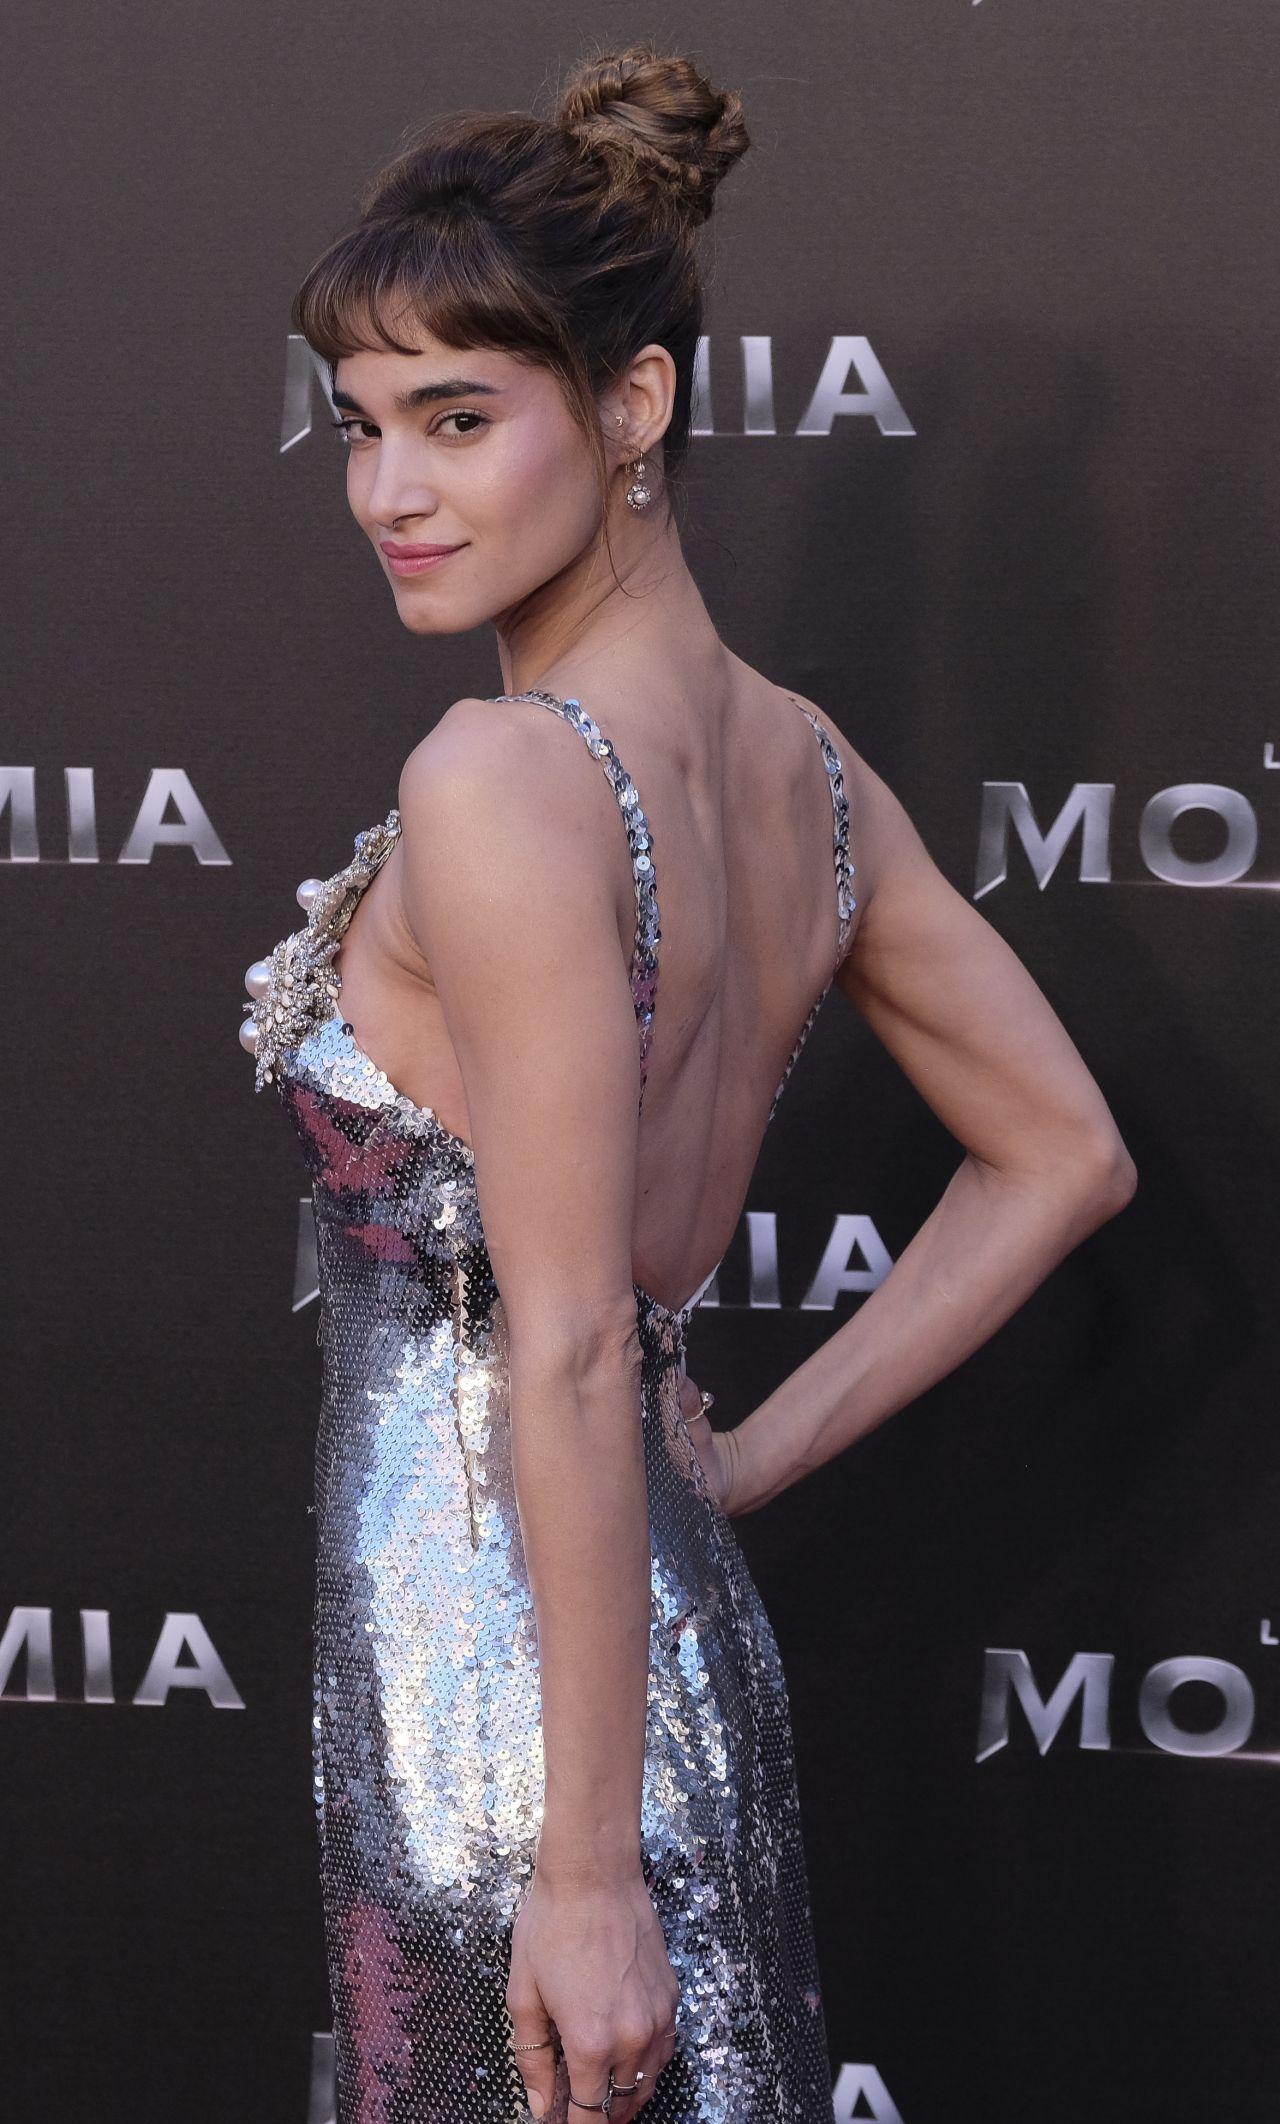 http://celebmafia.com/wp-content/uploads/2017/05/sofia-boutella-the-mummy-premiere-in-madrid-05-29-2017-1.jpg